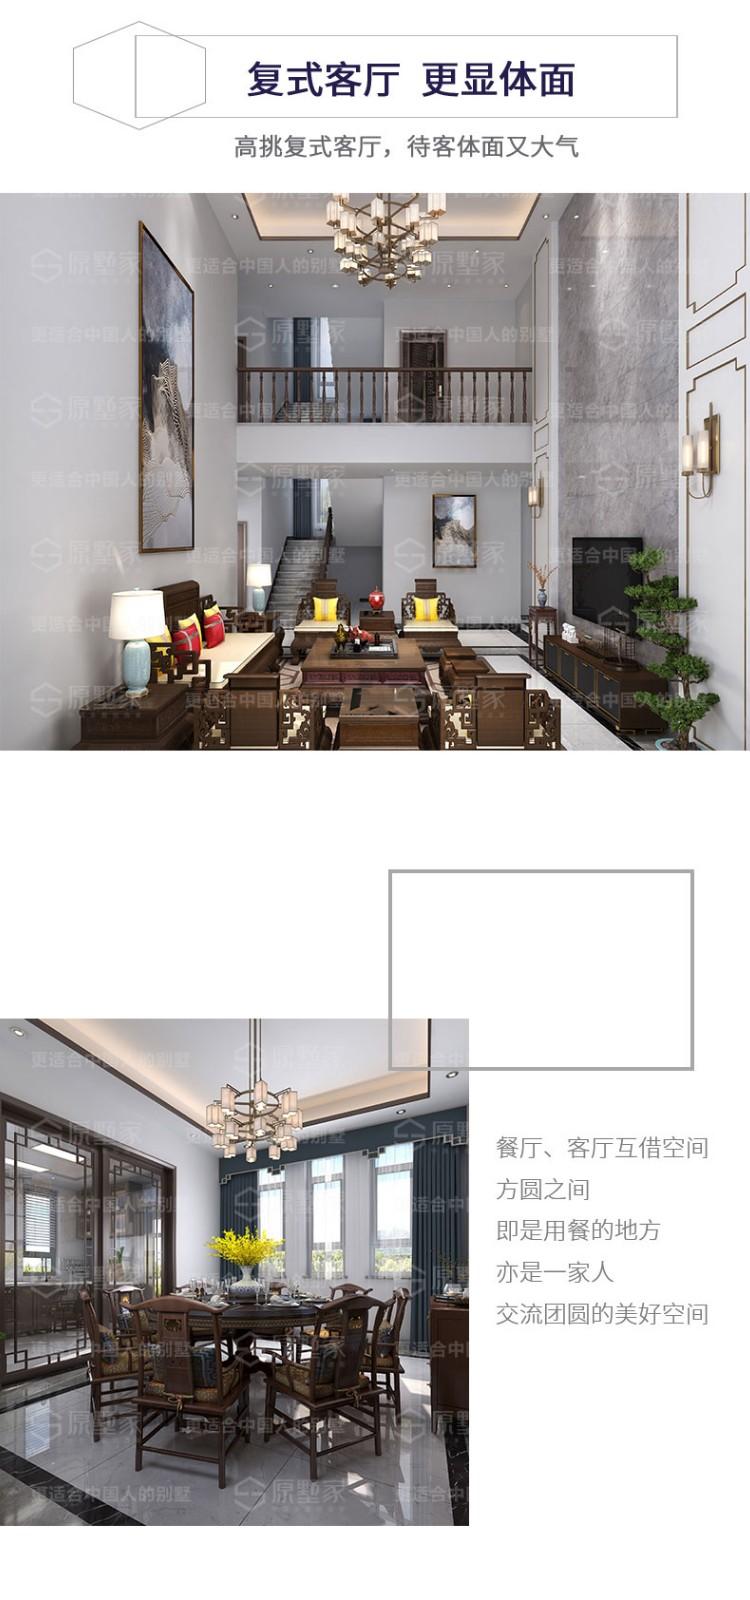 S1-欧式风格农村别墅 (精装交付)